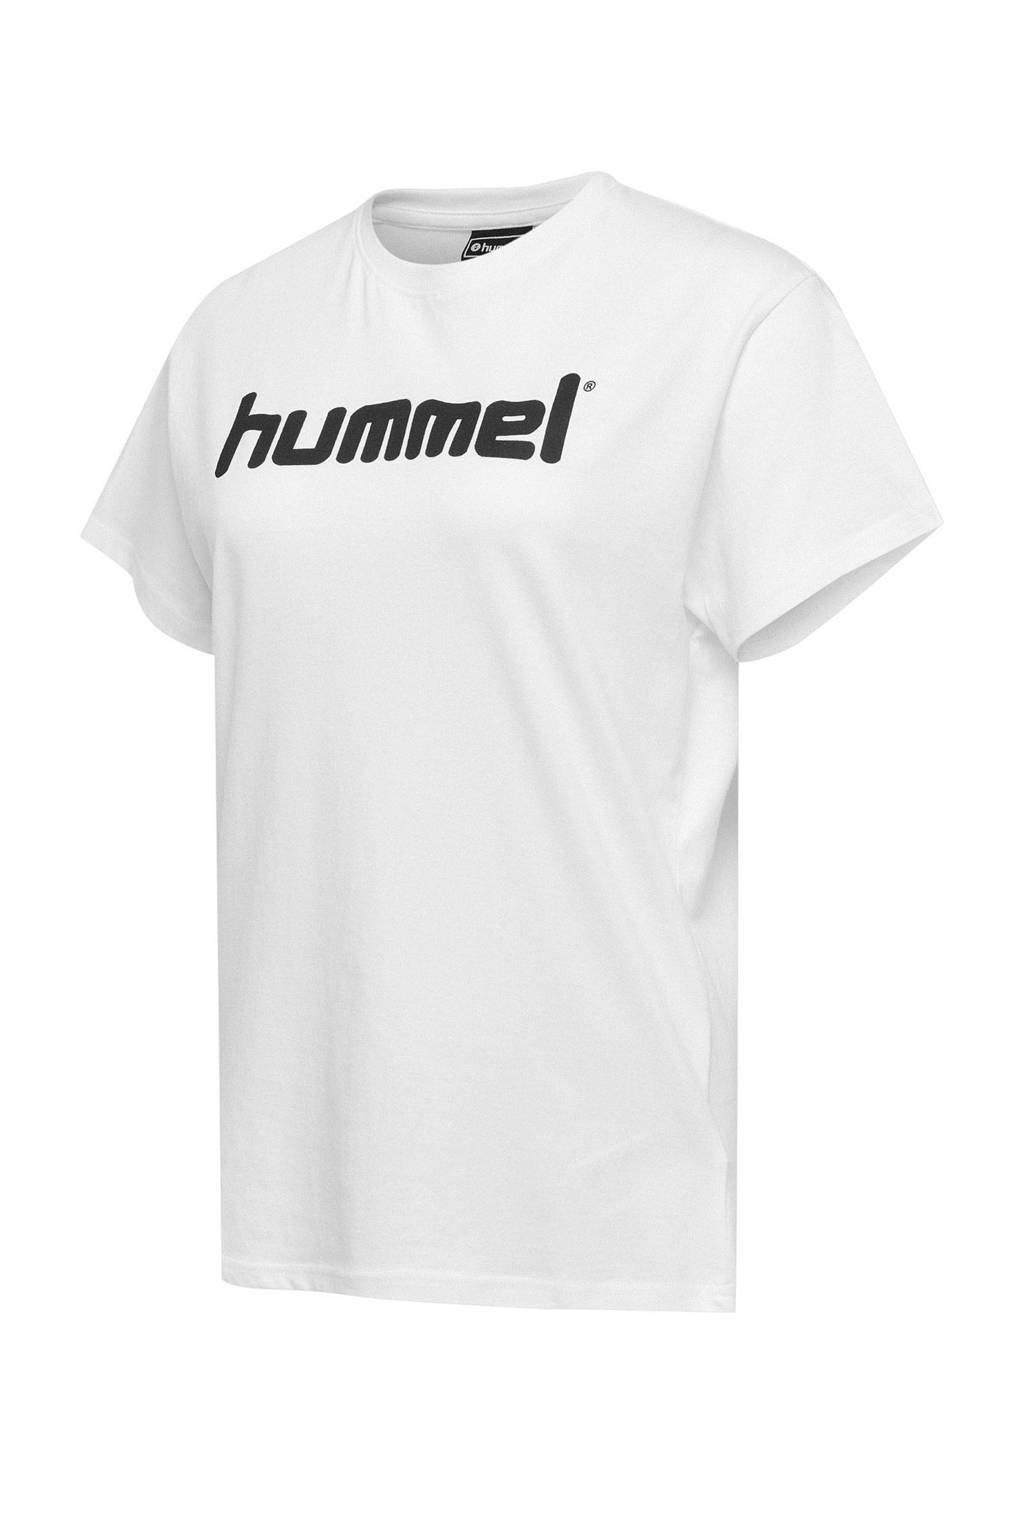 hummel voetbalshirt wit, Wit